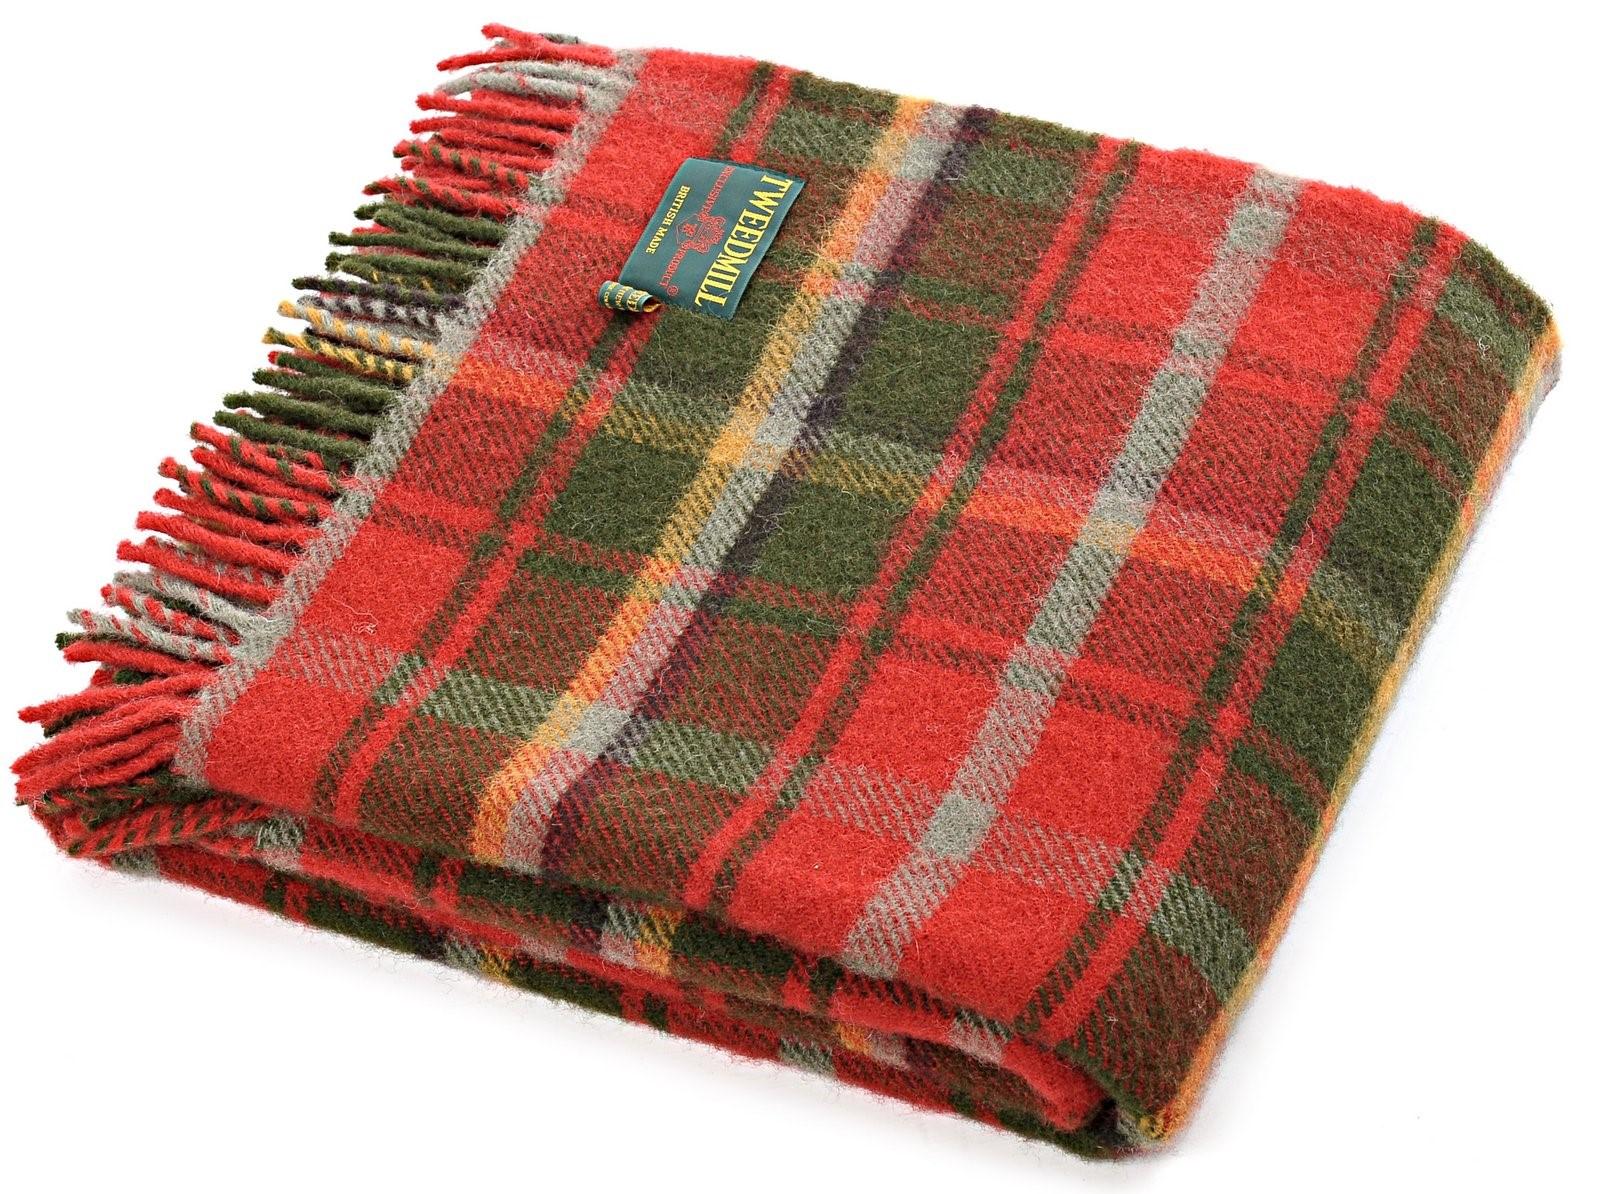 Wool Blanket Online British Made Gifts Dark Maple Tartan